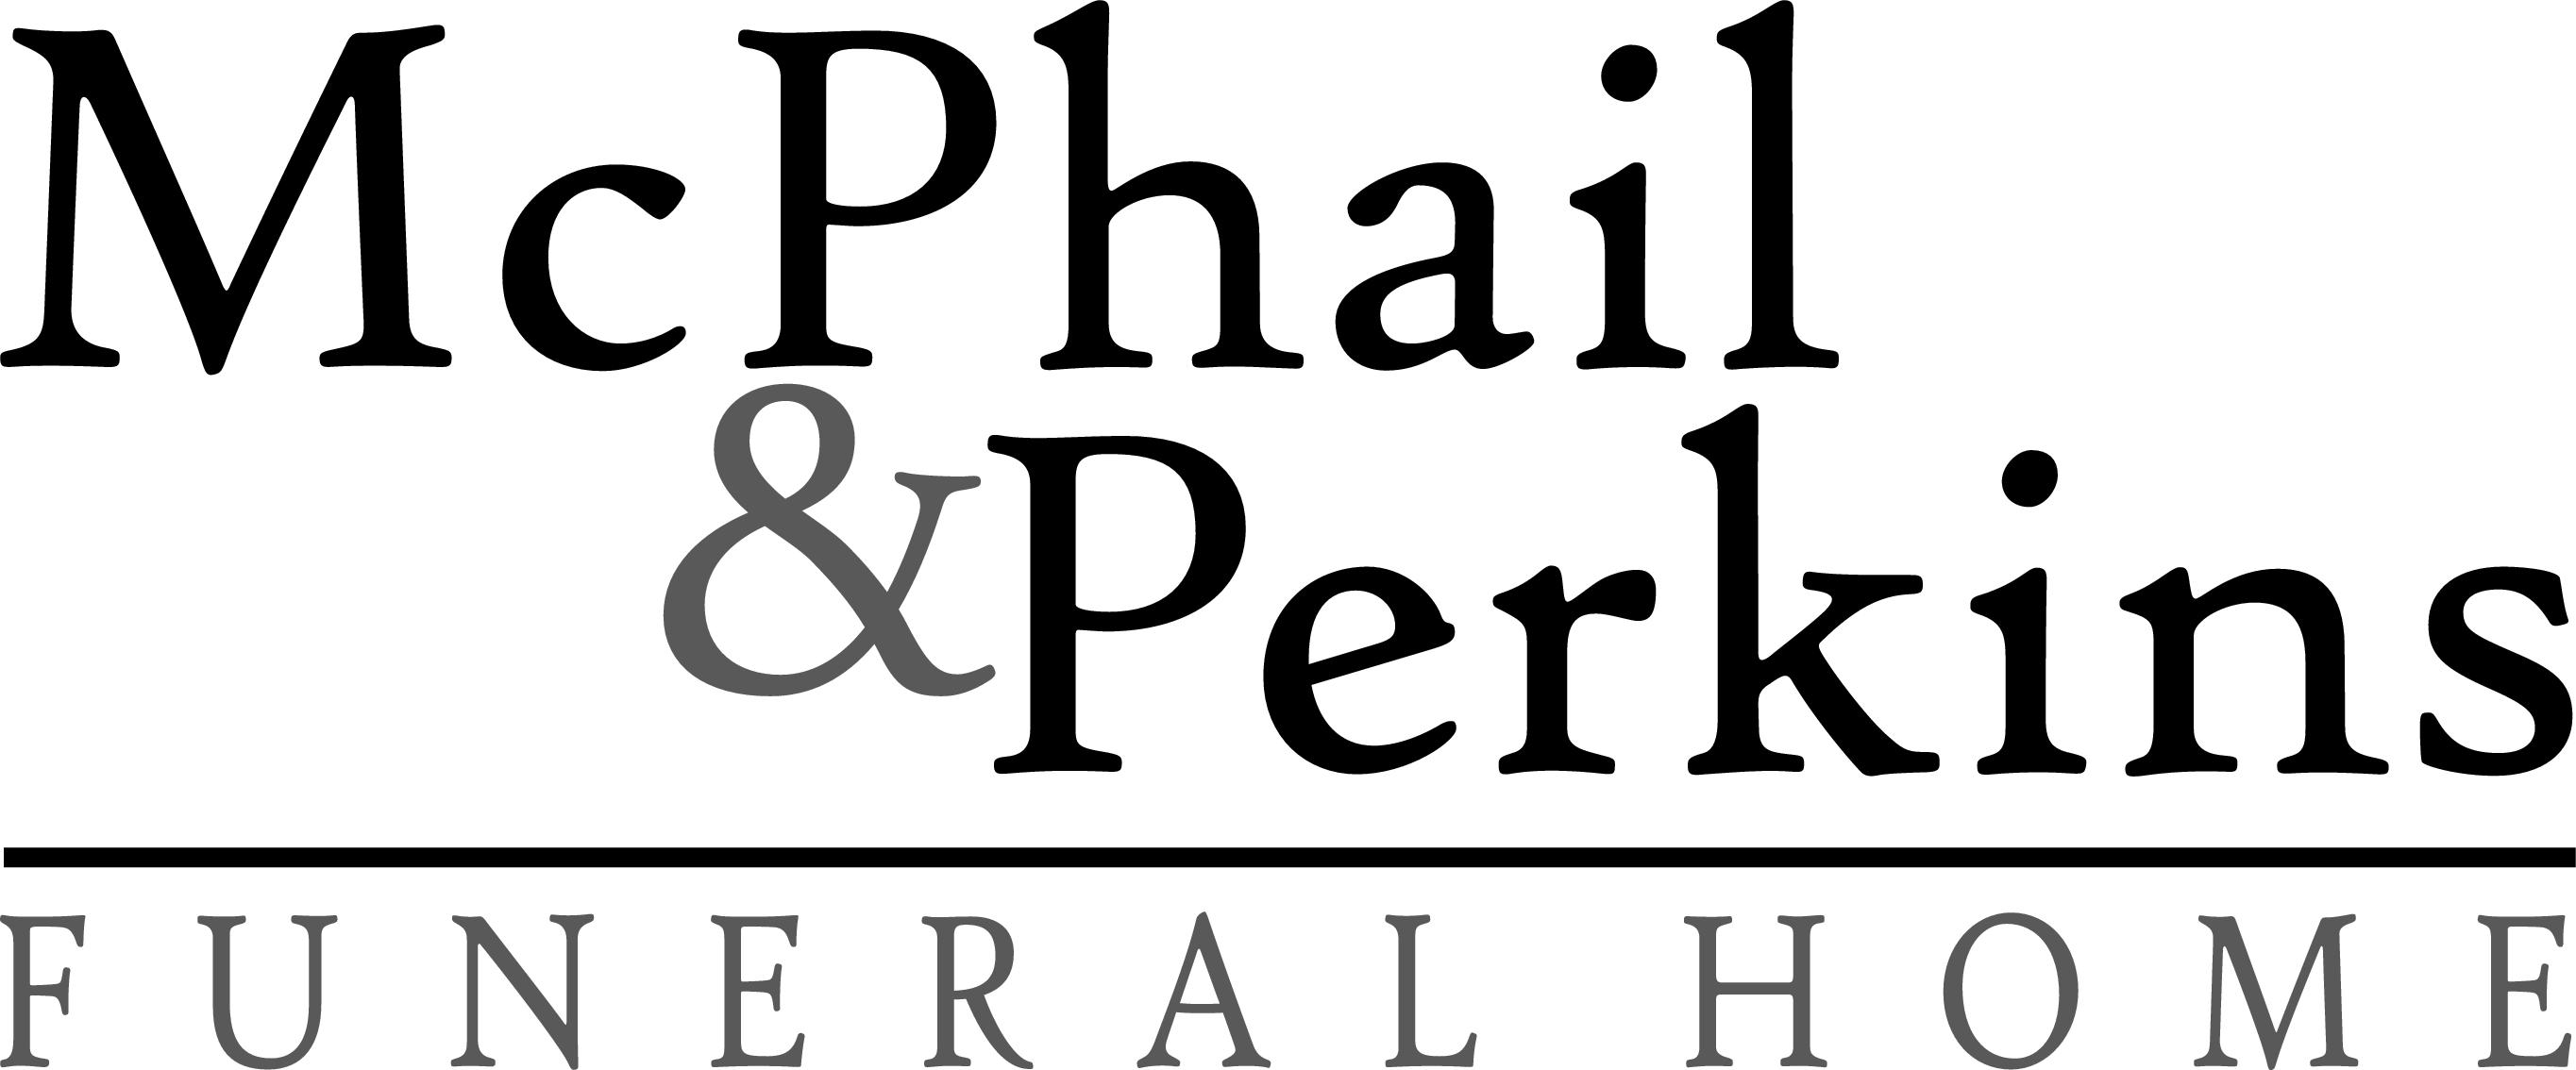 McPhail & Perkins Funeral Home